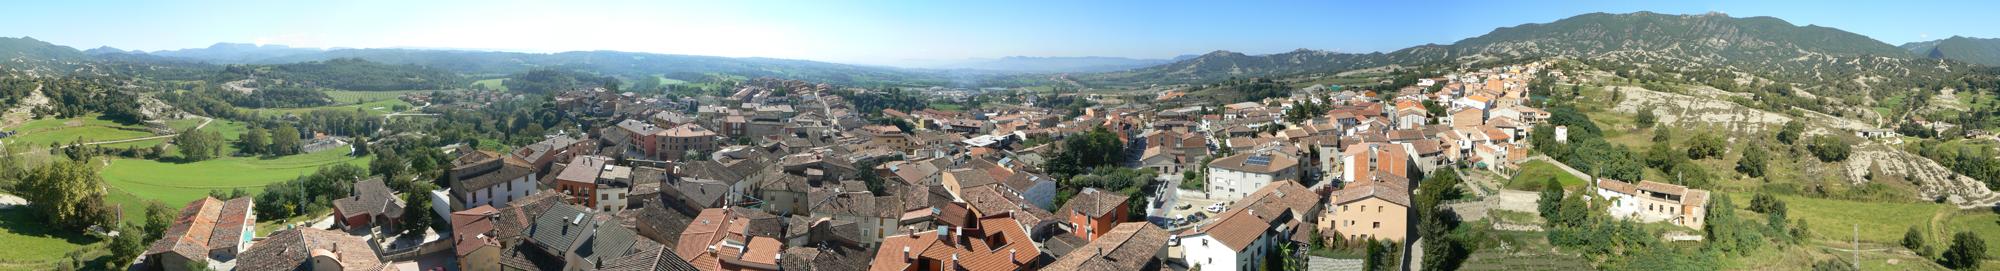 Foto Panoràmica de Sant Pere